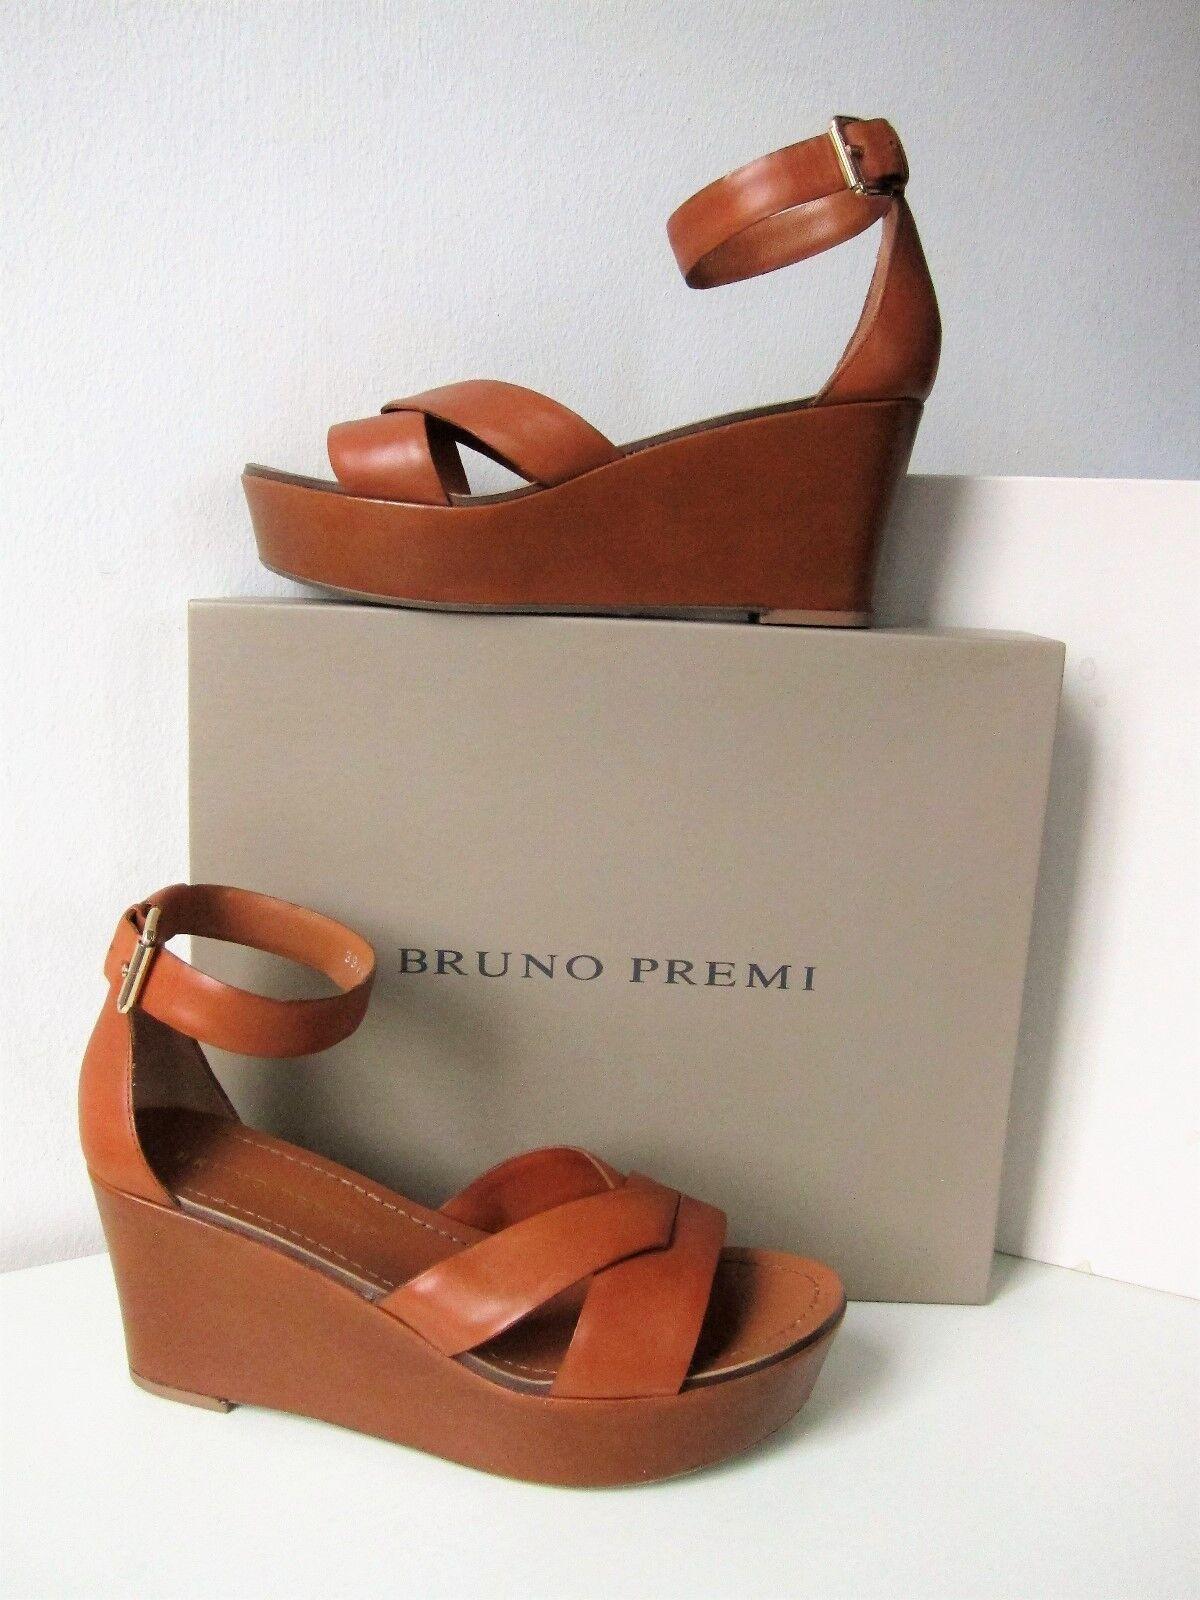 NUOVO Bruno Premi Premi Premi Sandalo Sandali Tg 39 Plateau Cognac Marronee Marronee sandals OVP dbefe8